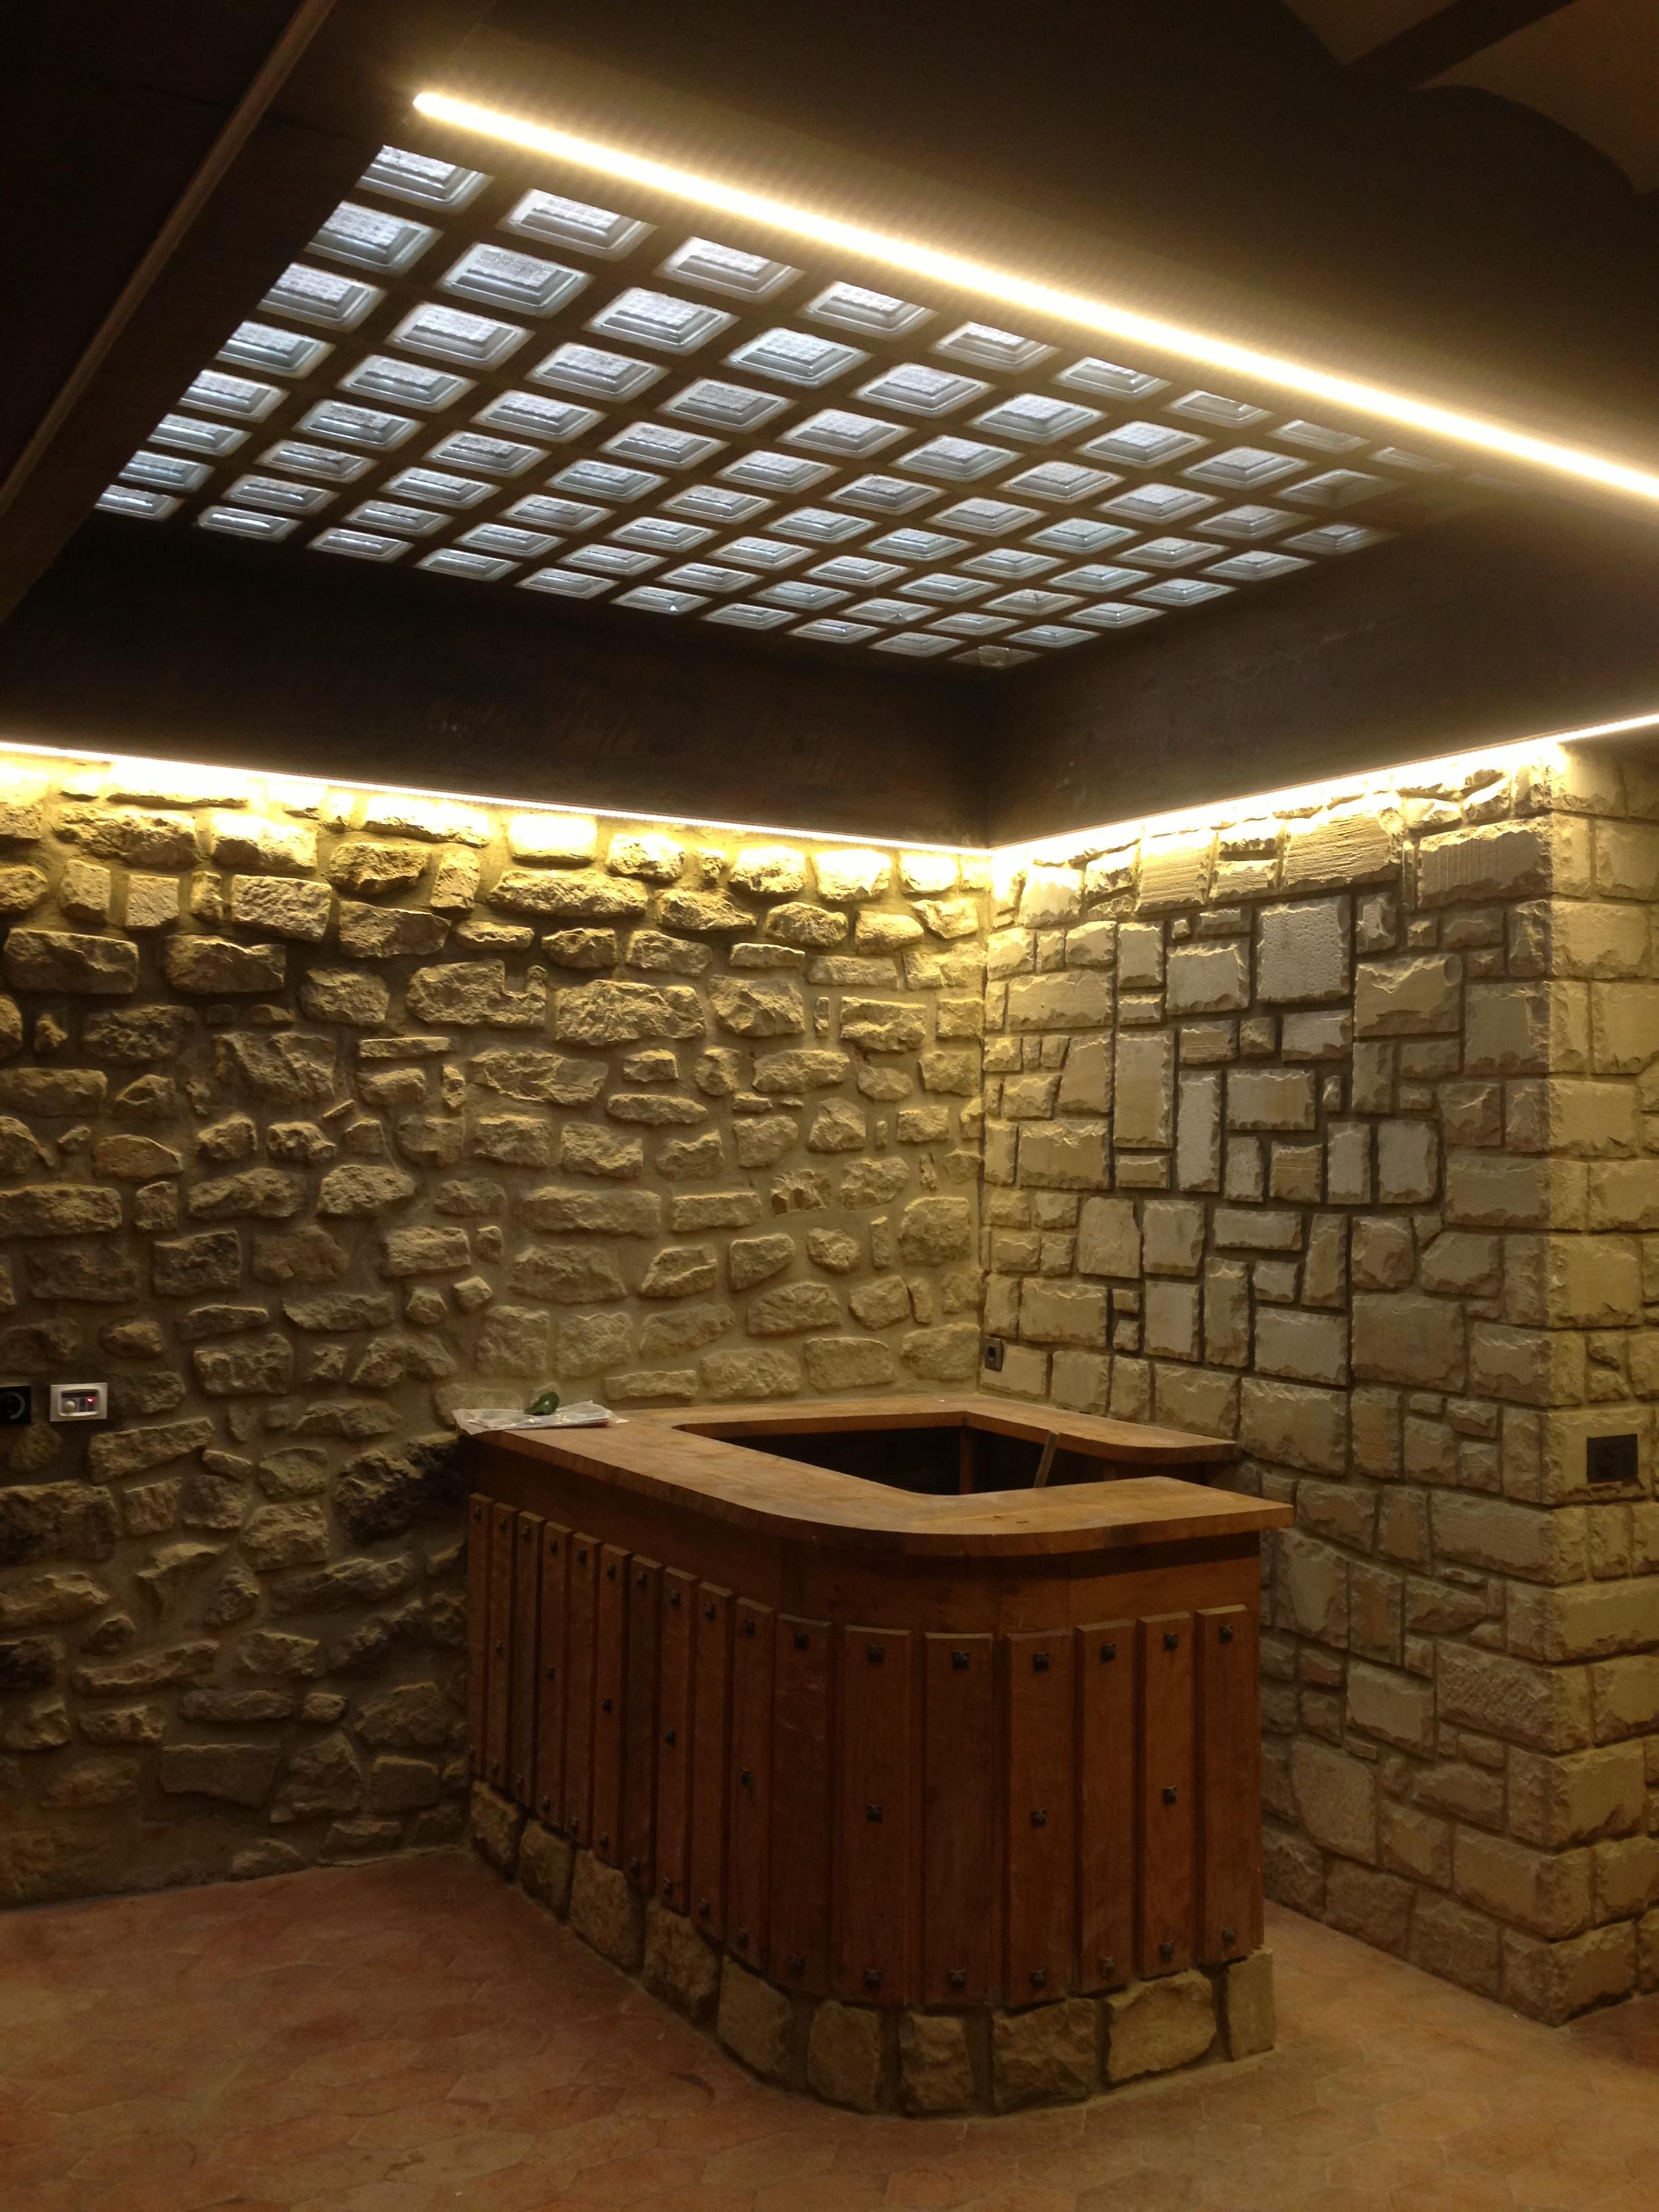 C mo se puede hacer una reforma de la iluminaci n sin - Lamparas para techos con vigas de madera ...